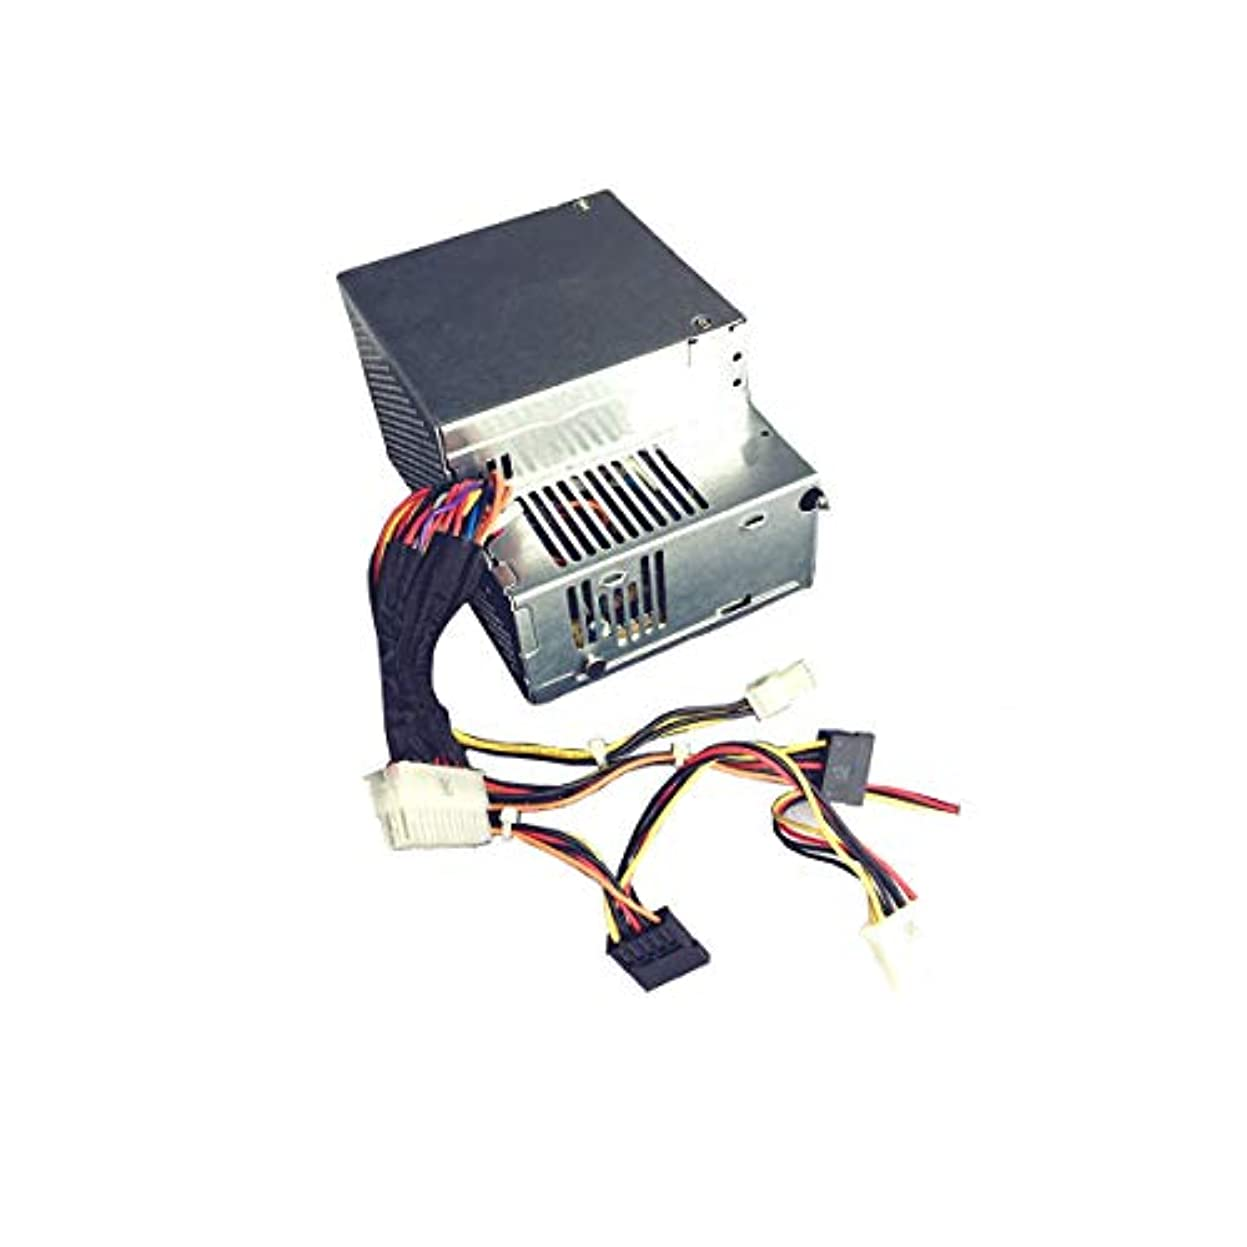 事実上シート開いたKailyr 230W DPS-230LB A PC7041 DPS-230PB A API4PC49 DPS-250AB-19 デスクトップコンピュータ電源 D5370 D5200 D5210 D5220 D5230 D5310 D5215 D5320 D5240 D5245 D5250 D5255 D5330 D5340 D32XX G31 D5260 (絵として)